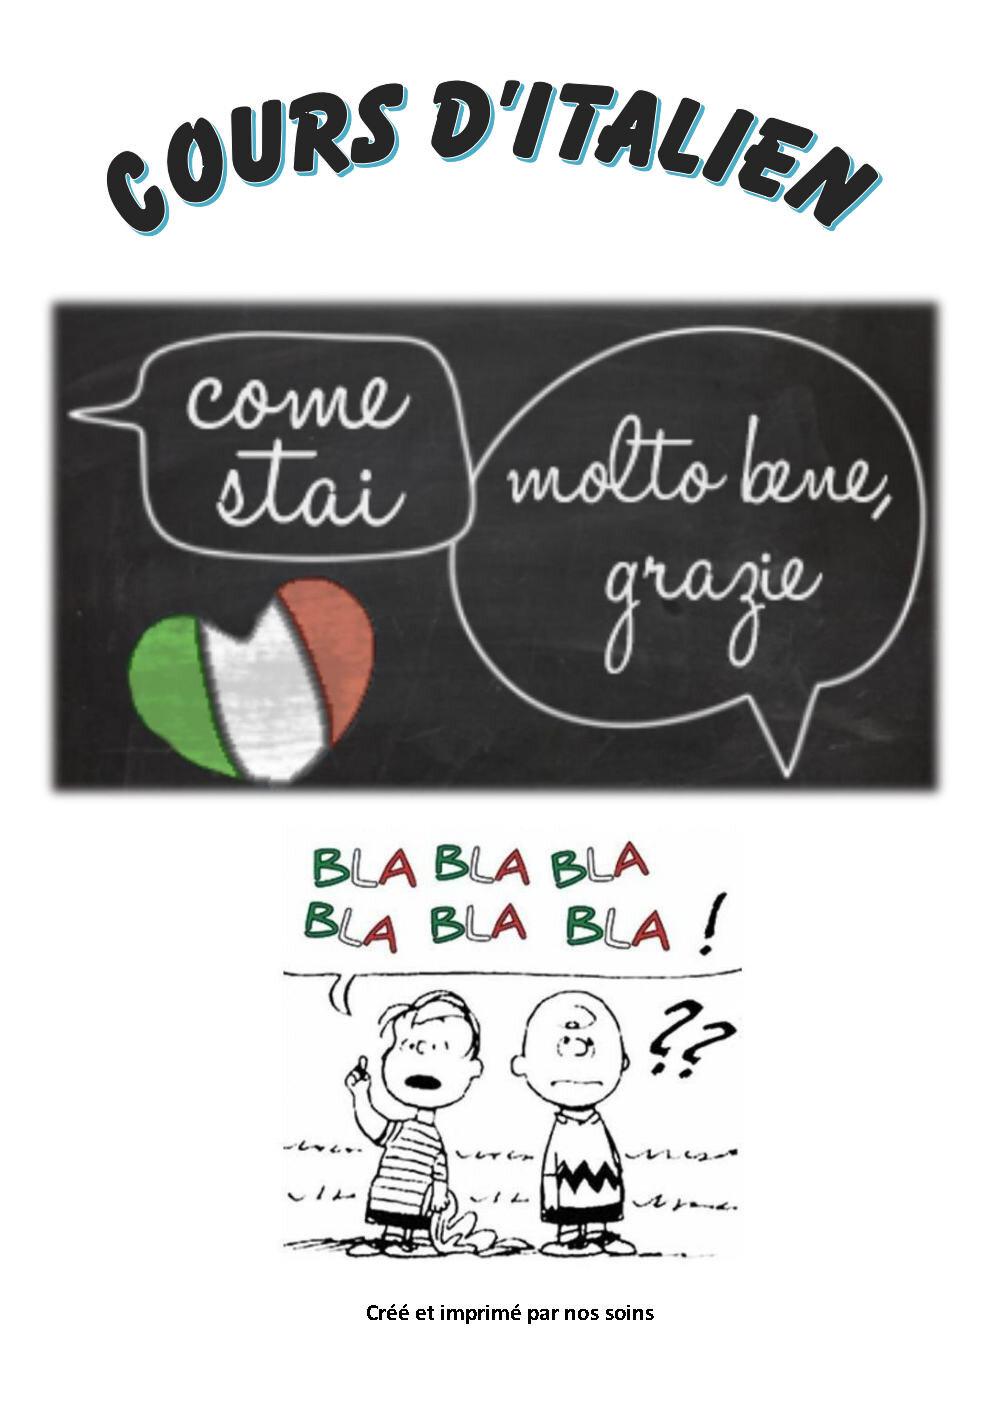 Cours d'italien 2018 - 2019